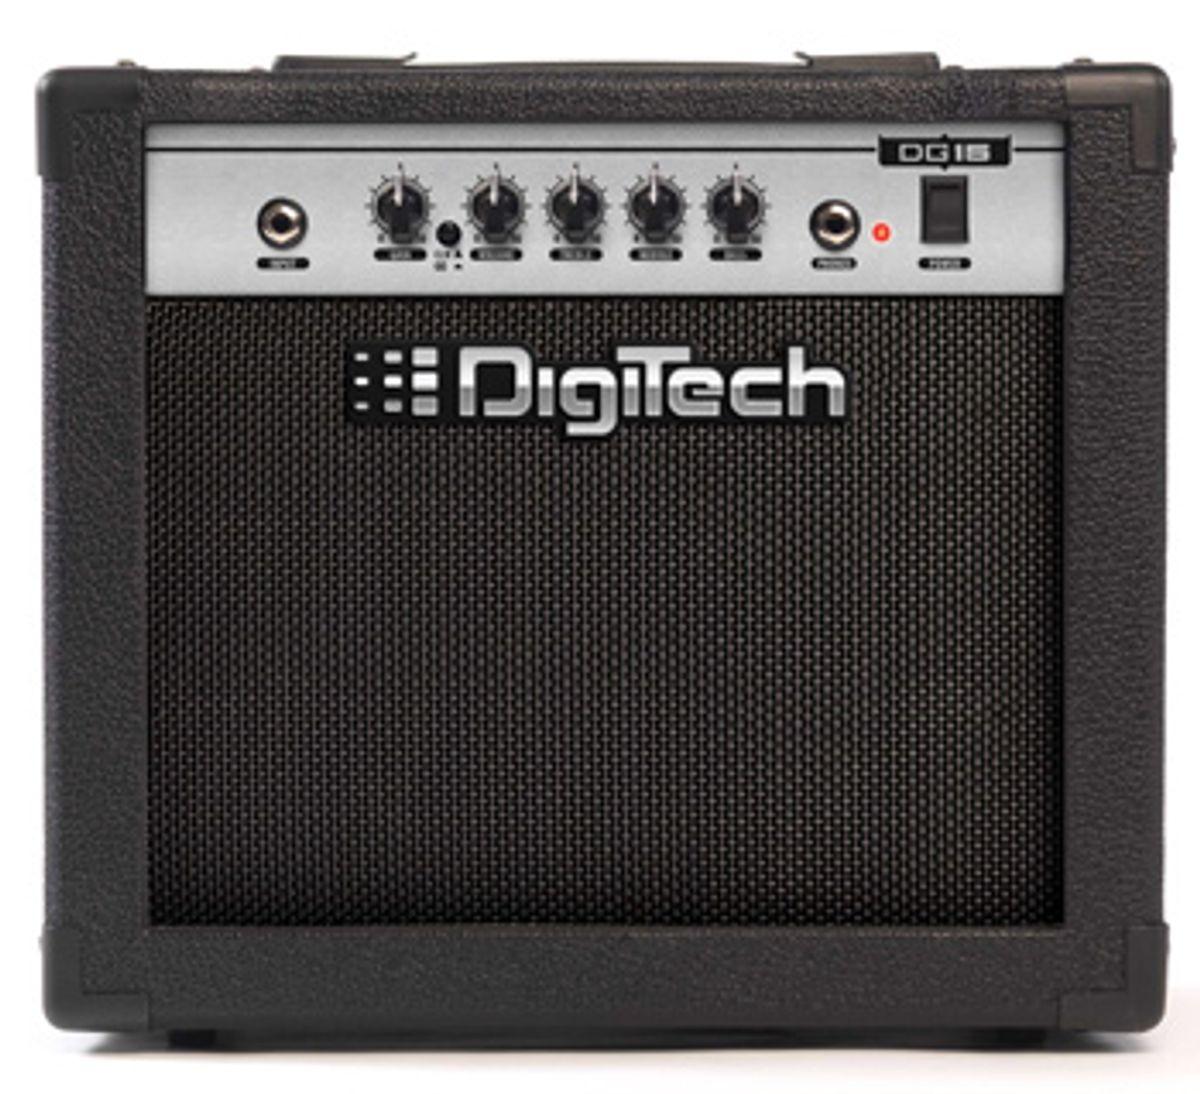 DigiTech Ships 15-Watt Guitar and Bass Combo Amps